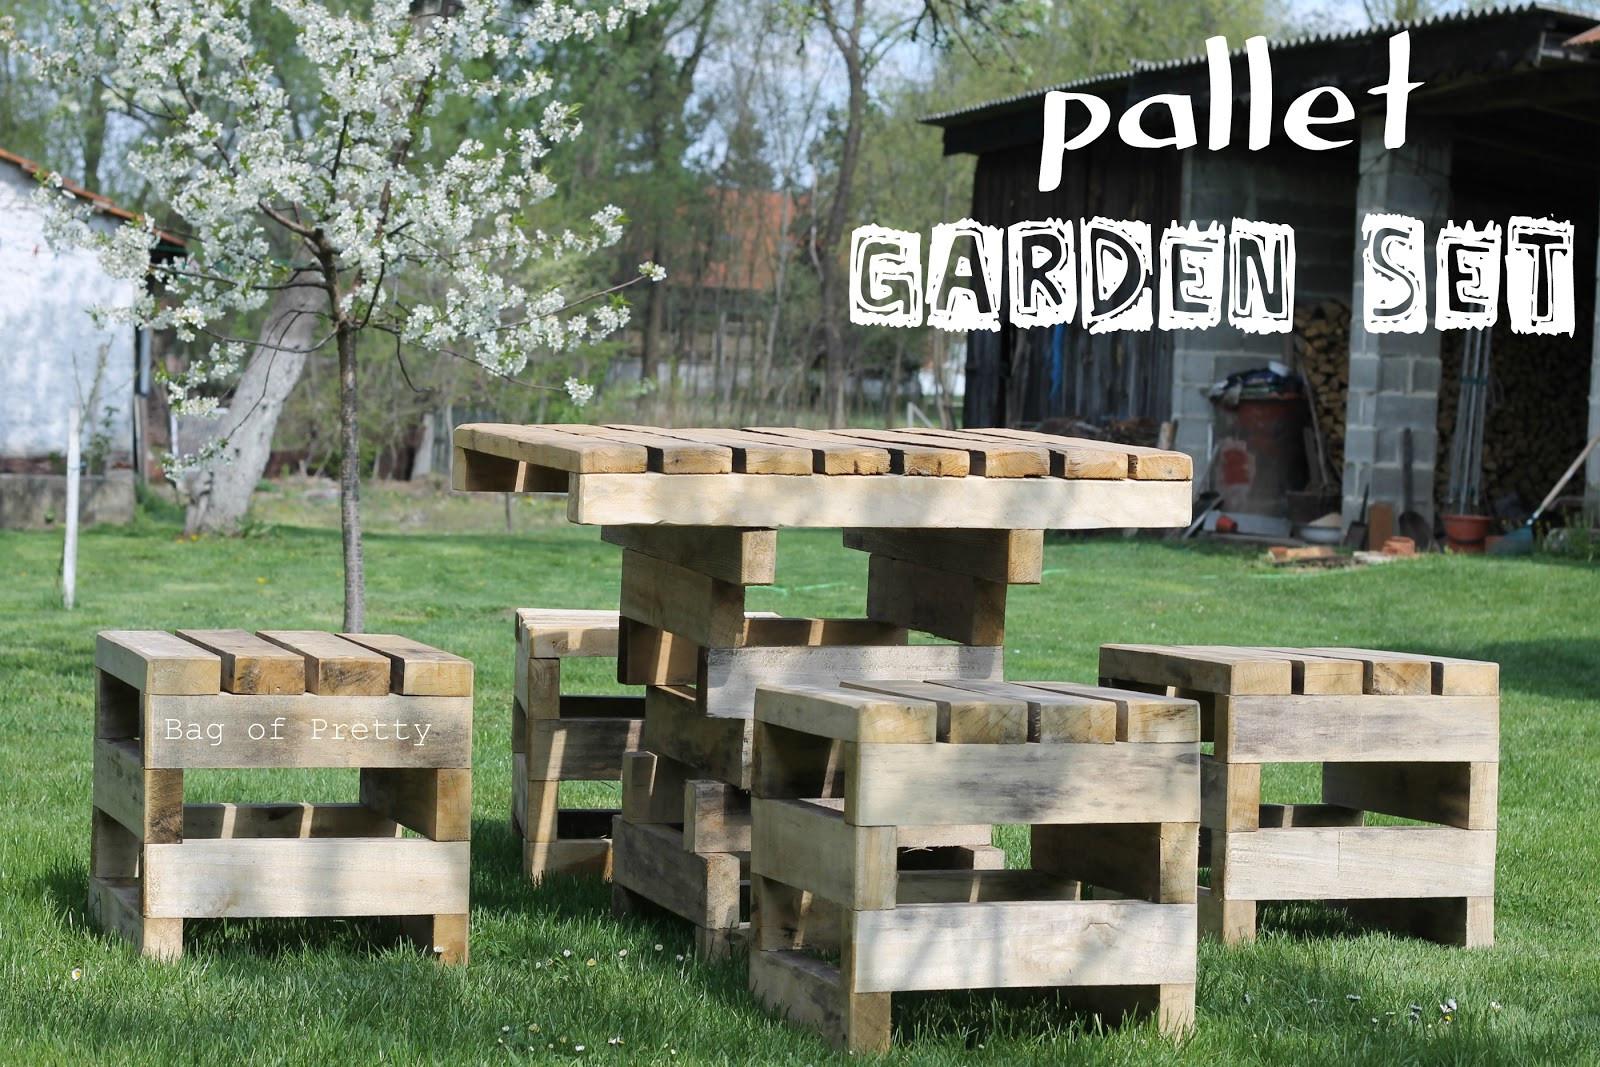 Pallet Backyard Furniture  Bag of pretty Surprise surprise pallet garden furniture